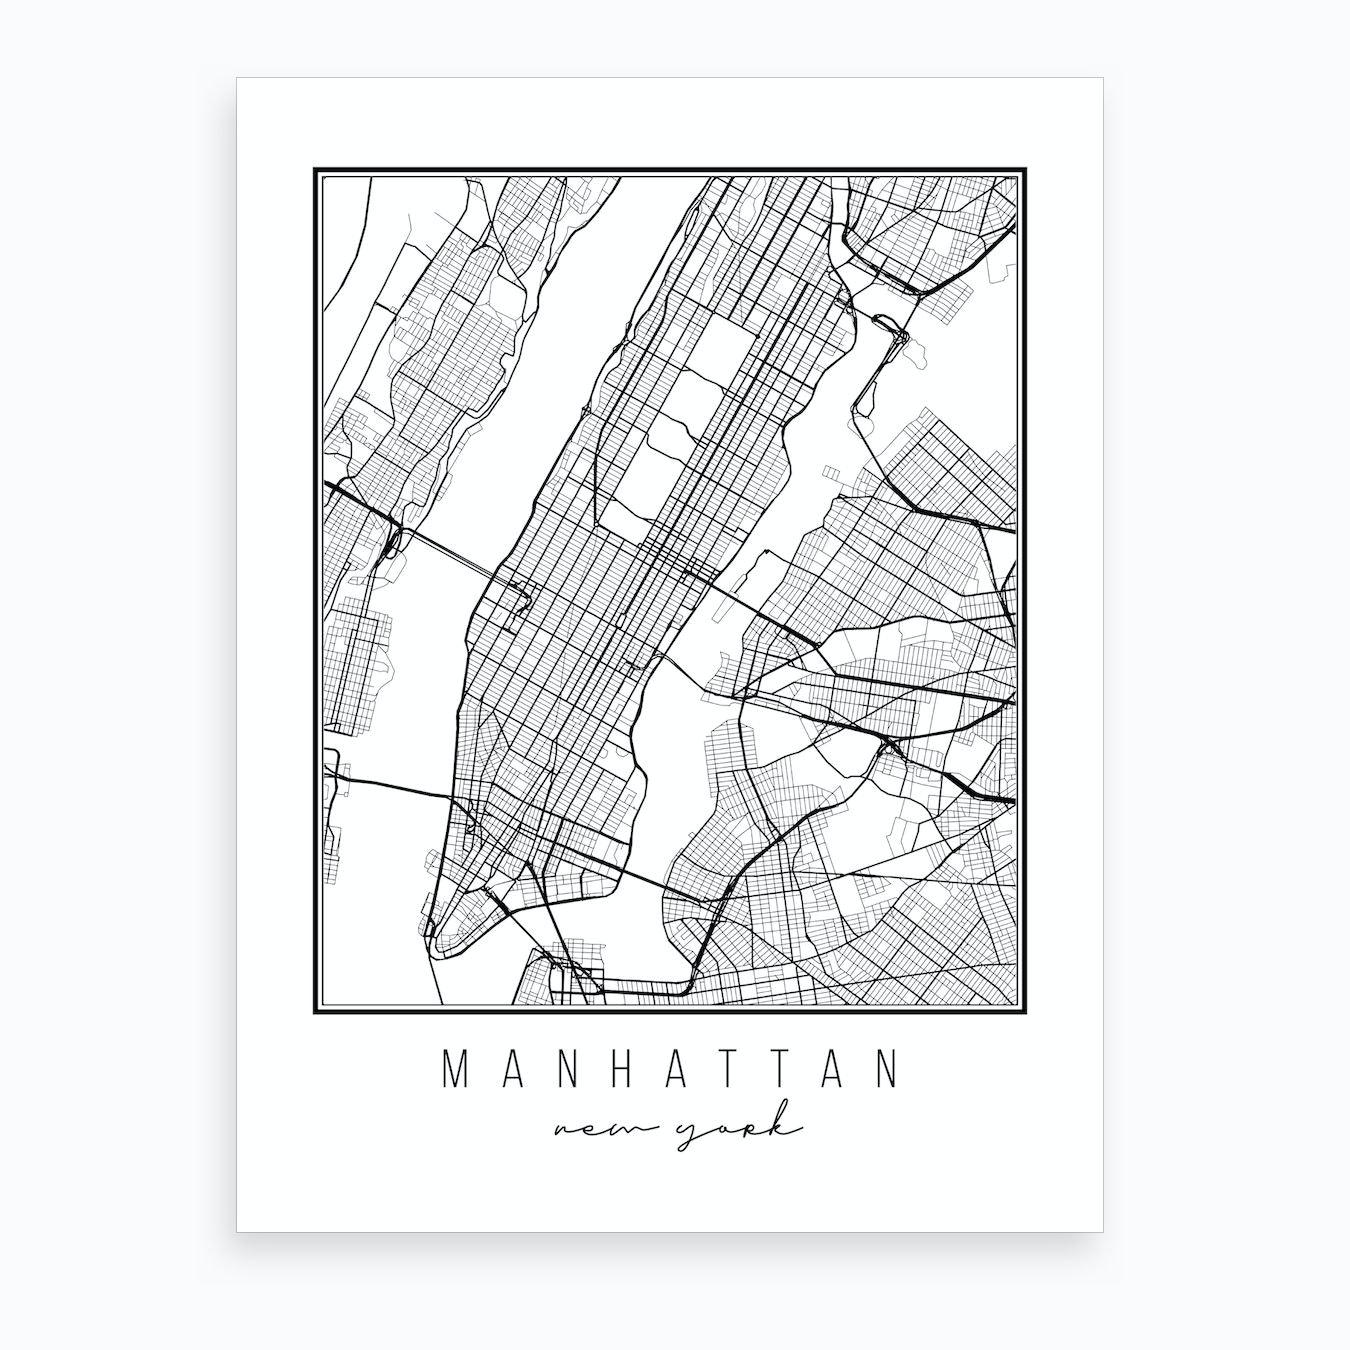 Street Map Of Manhattan New York.Manhattan New York Street Map Art Print